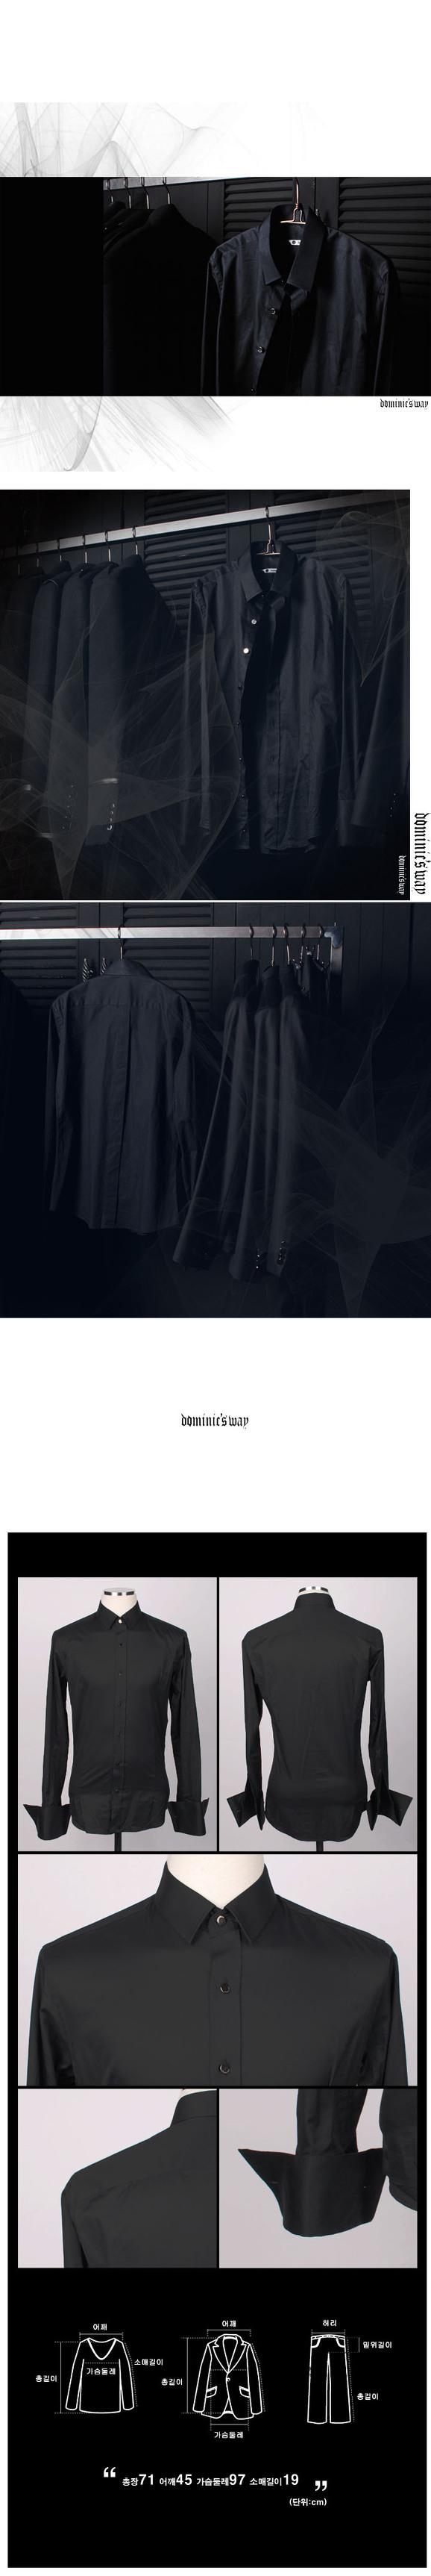 [MINI-ALBUM] ☆ DESTINATION ☆ 'Love Ya' - Page 4 16733D124BDB96071B75F6